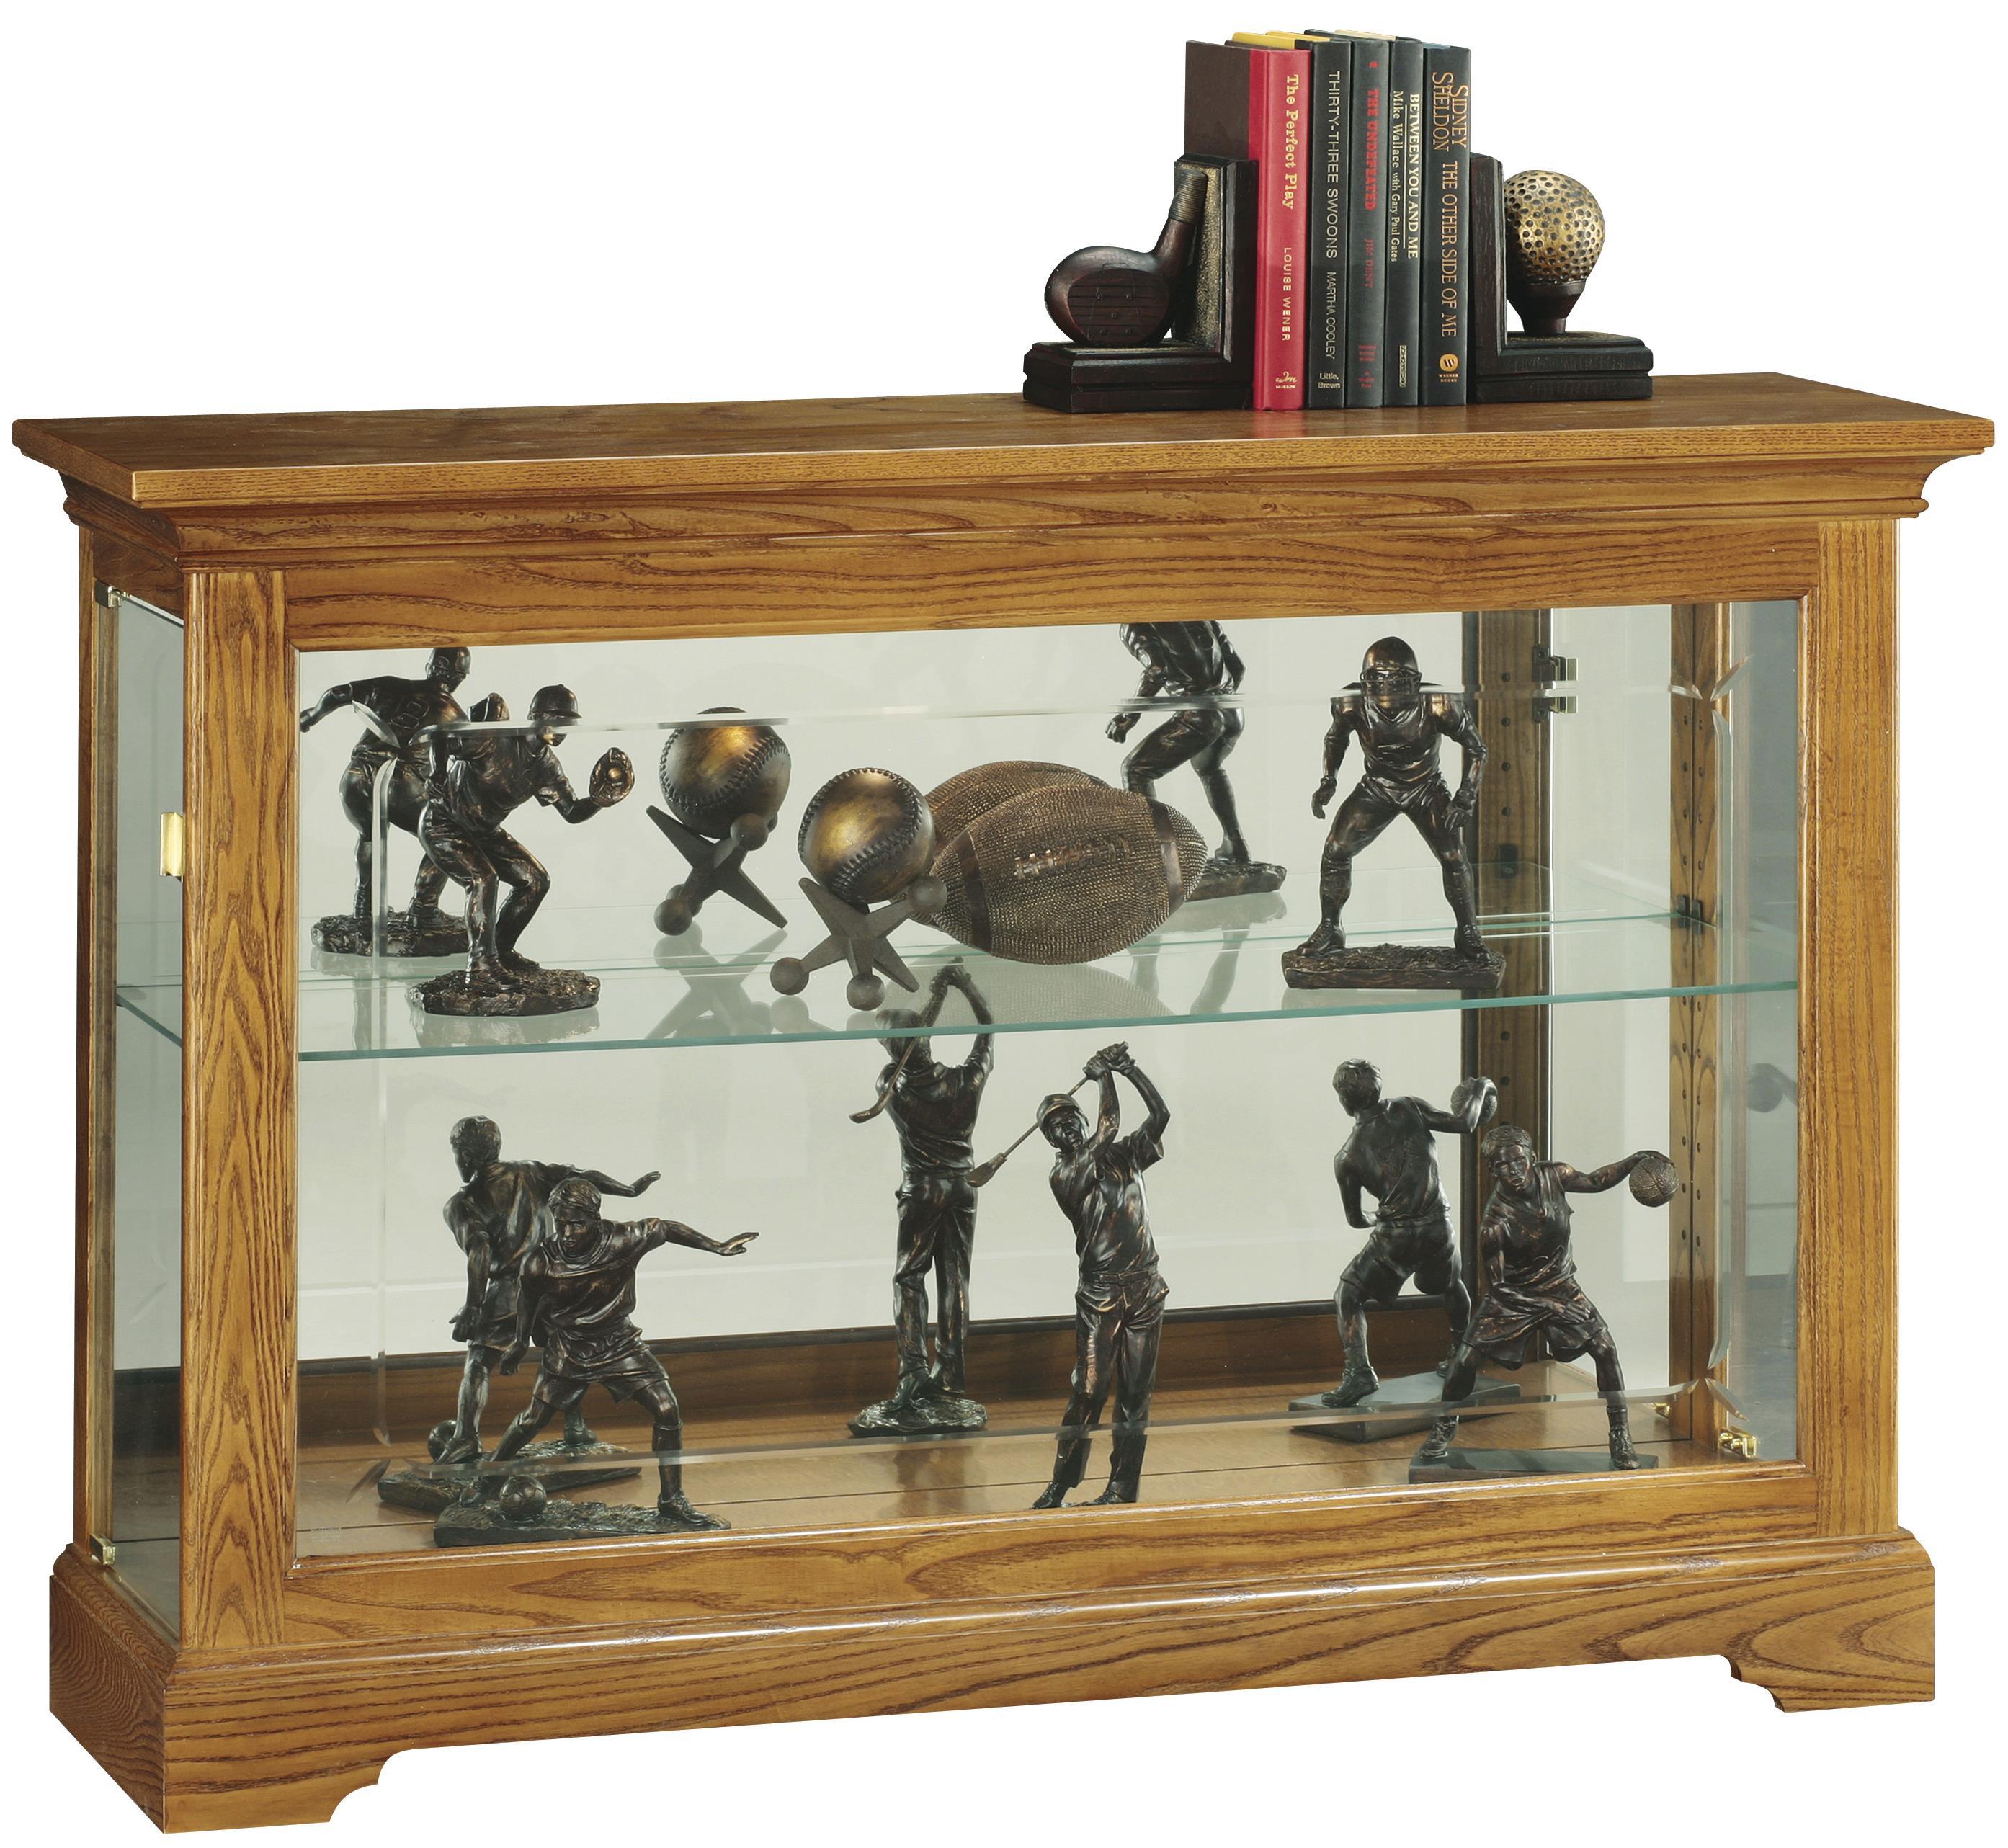 Howard Miller Cabinets Curio Cabinet - Item Number: 680-535